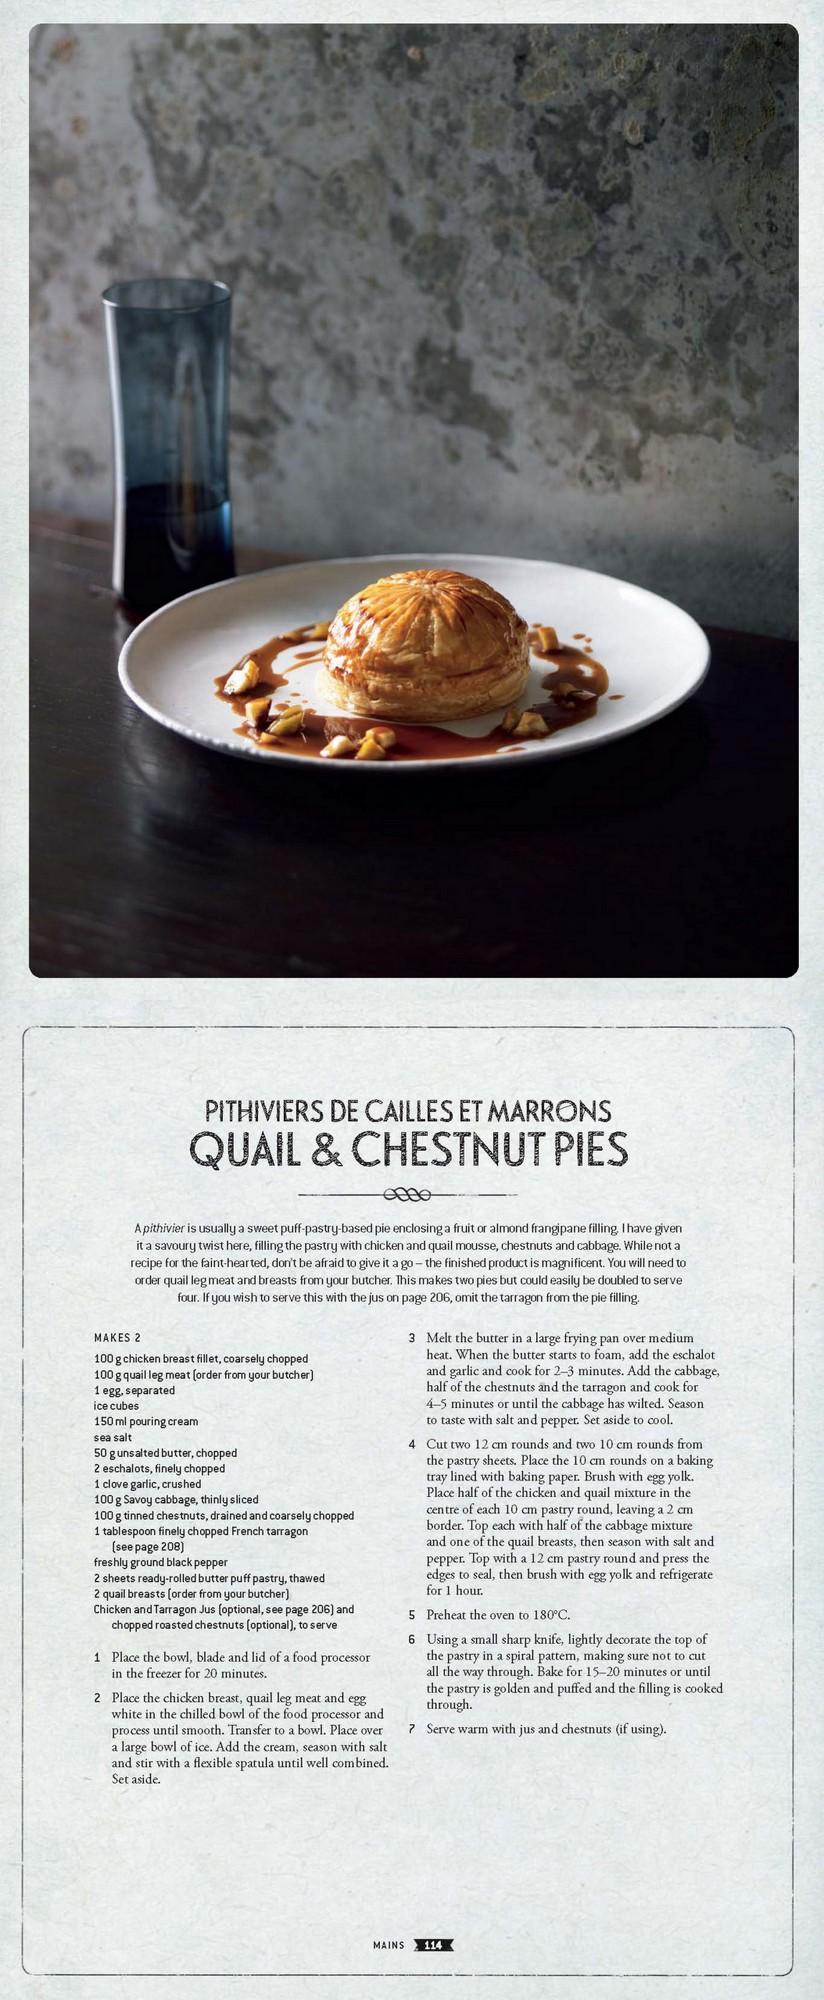 French Bistro - Quail Pie